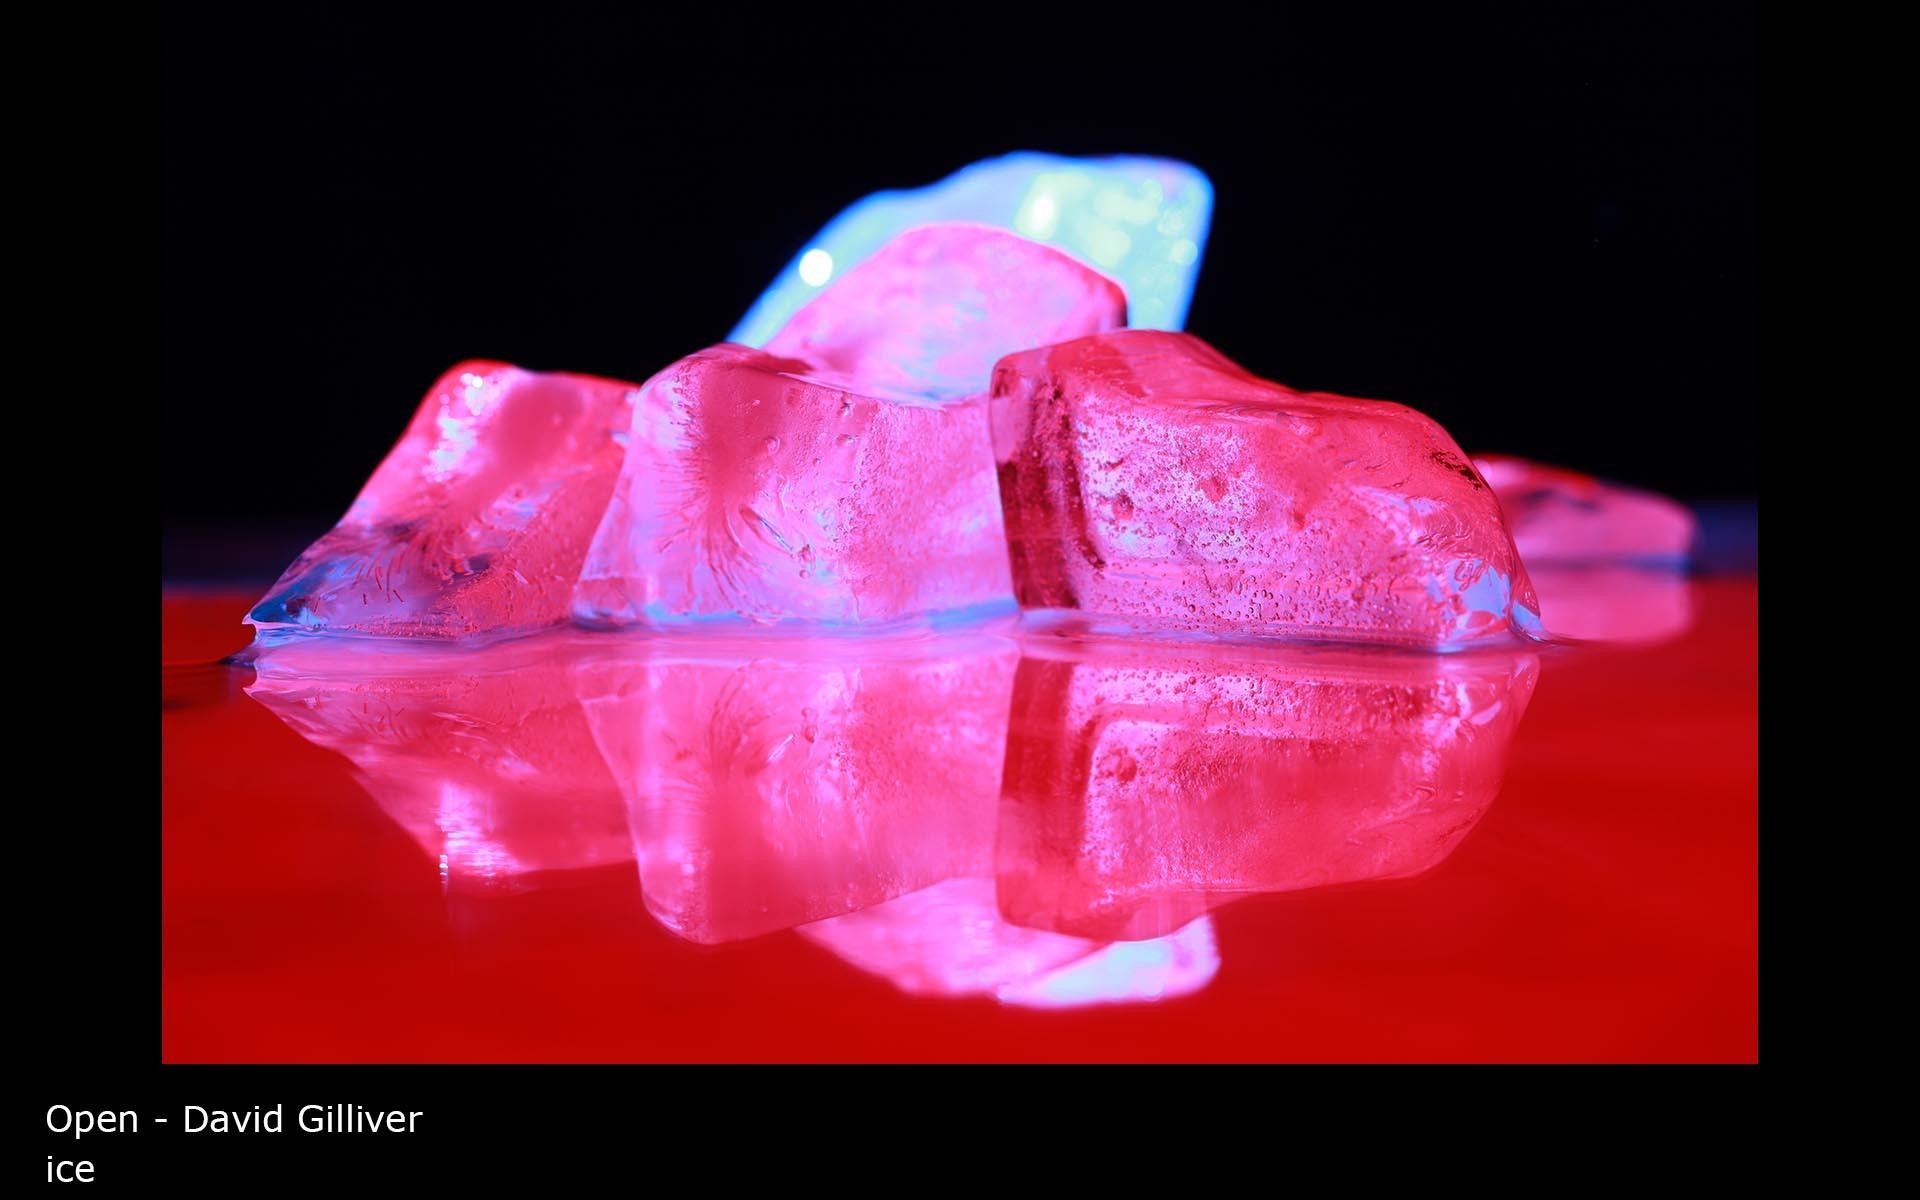 ice - David Gilliver